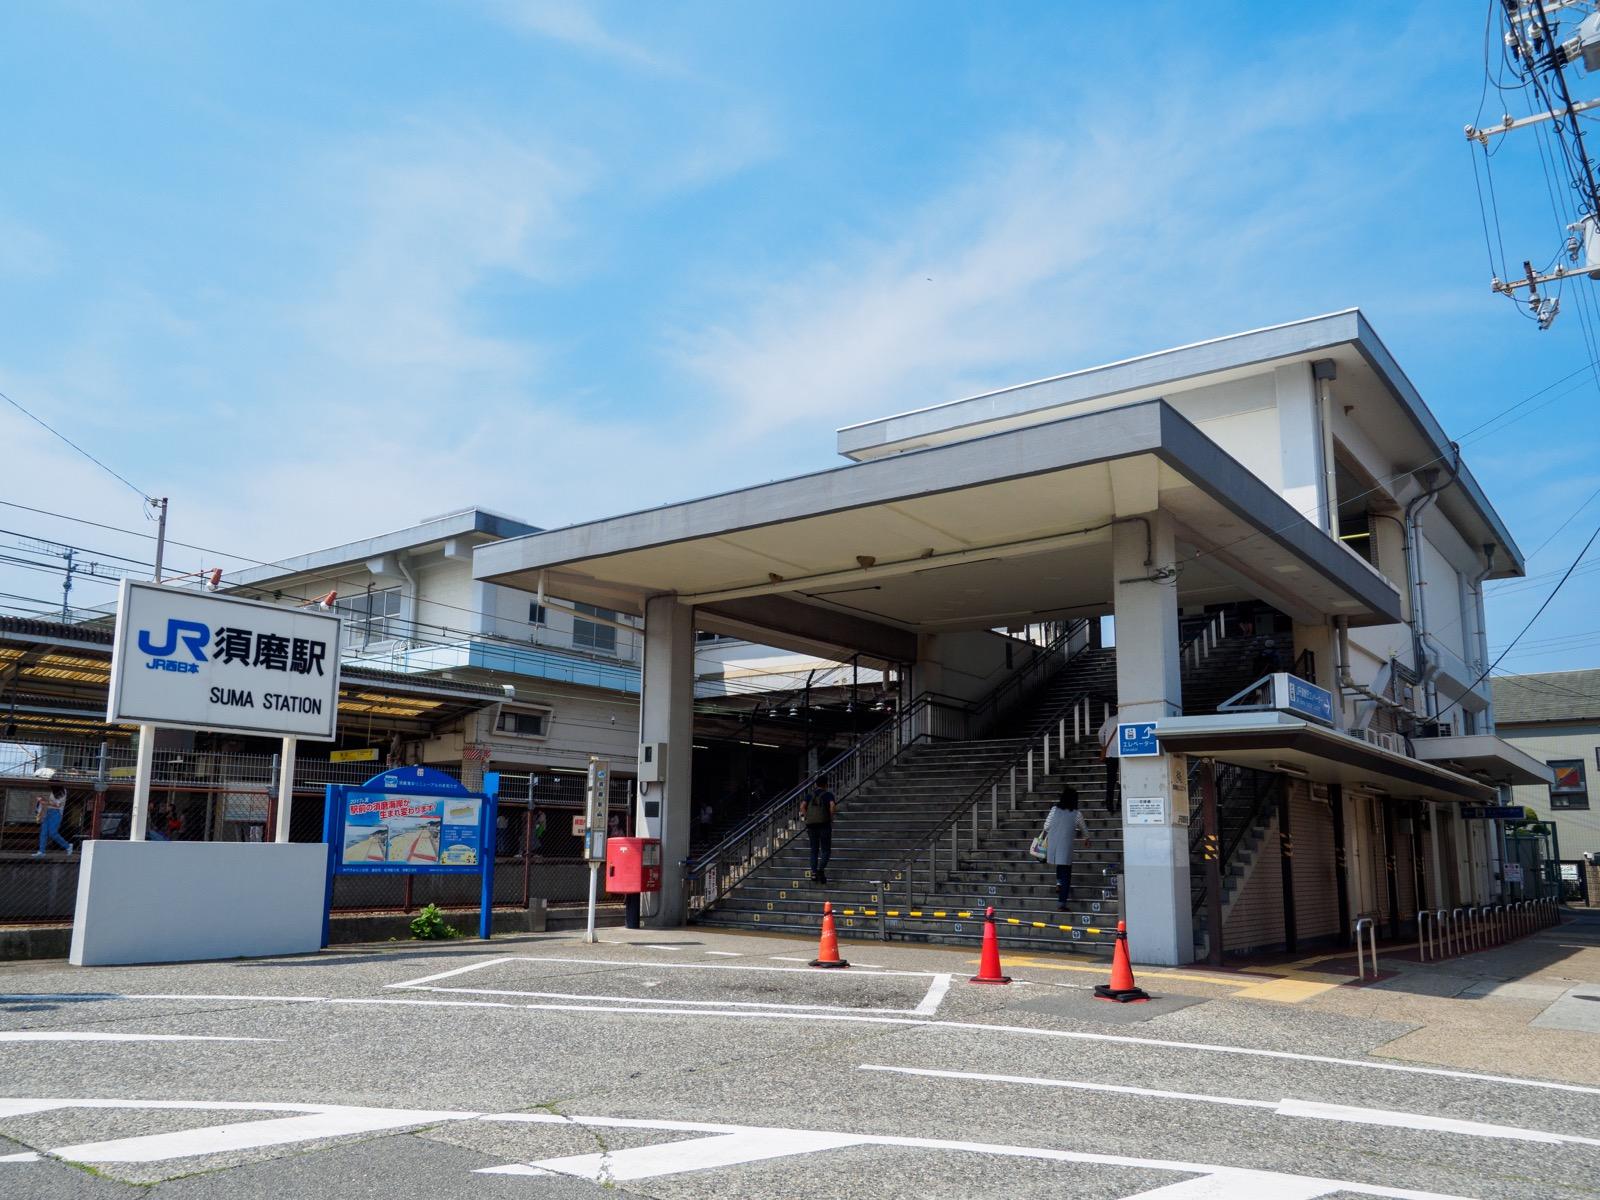 北口から見た須磨駅の駅舎